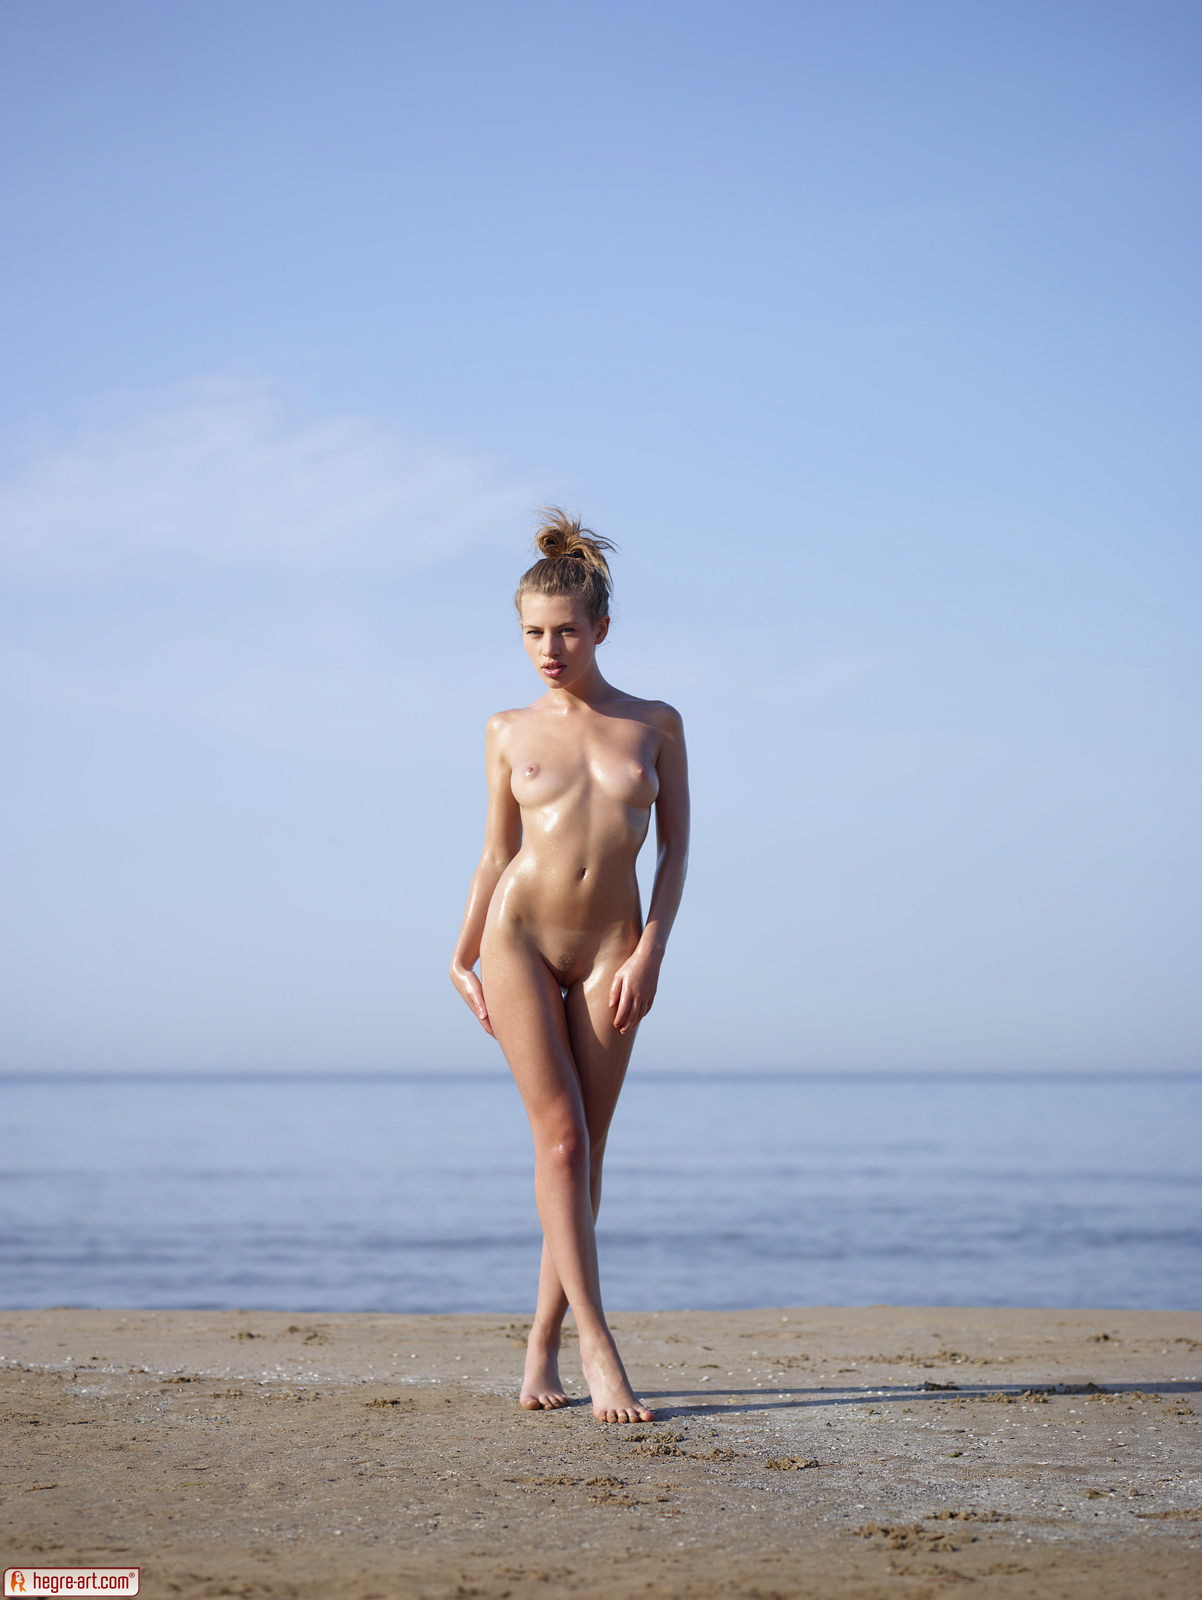 Zdjęcie porno - 0722 - Śliskie ciałko